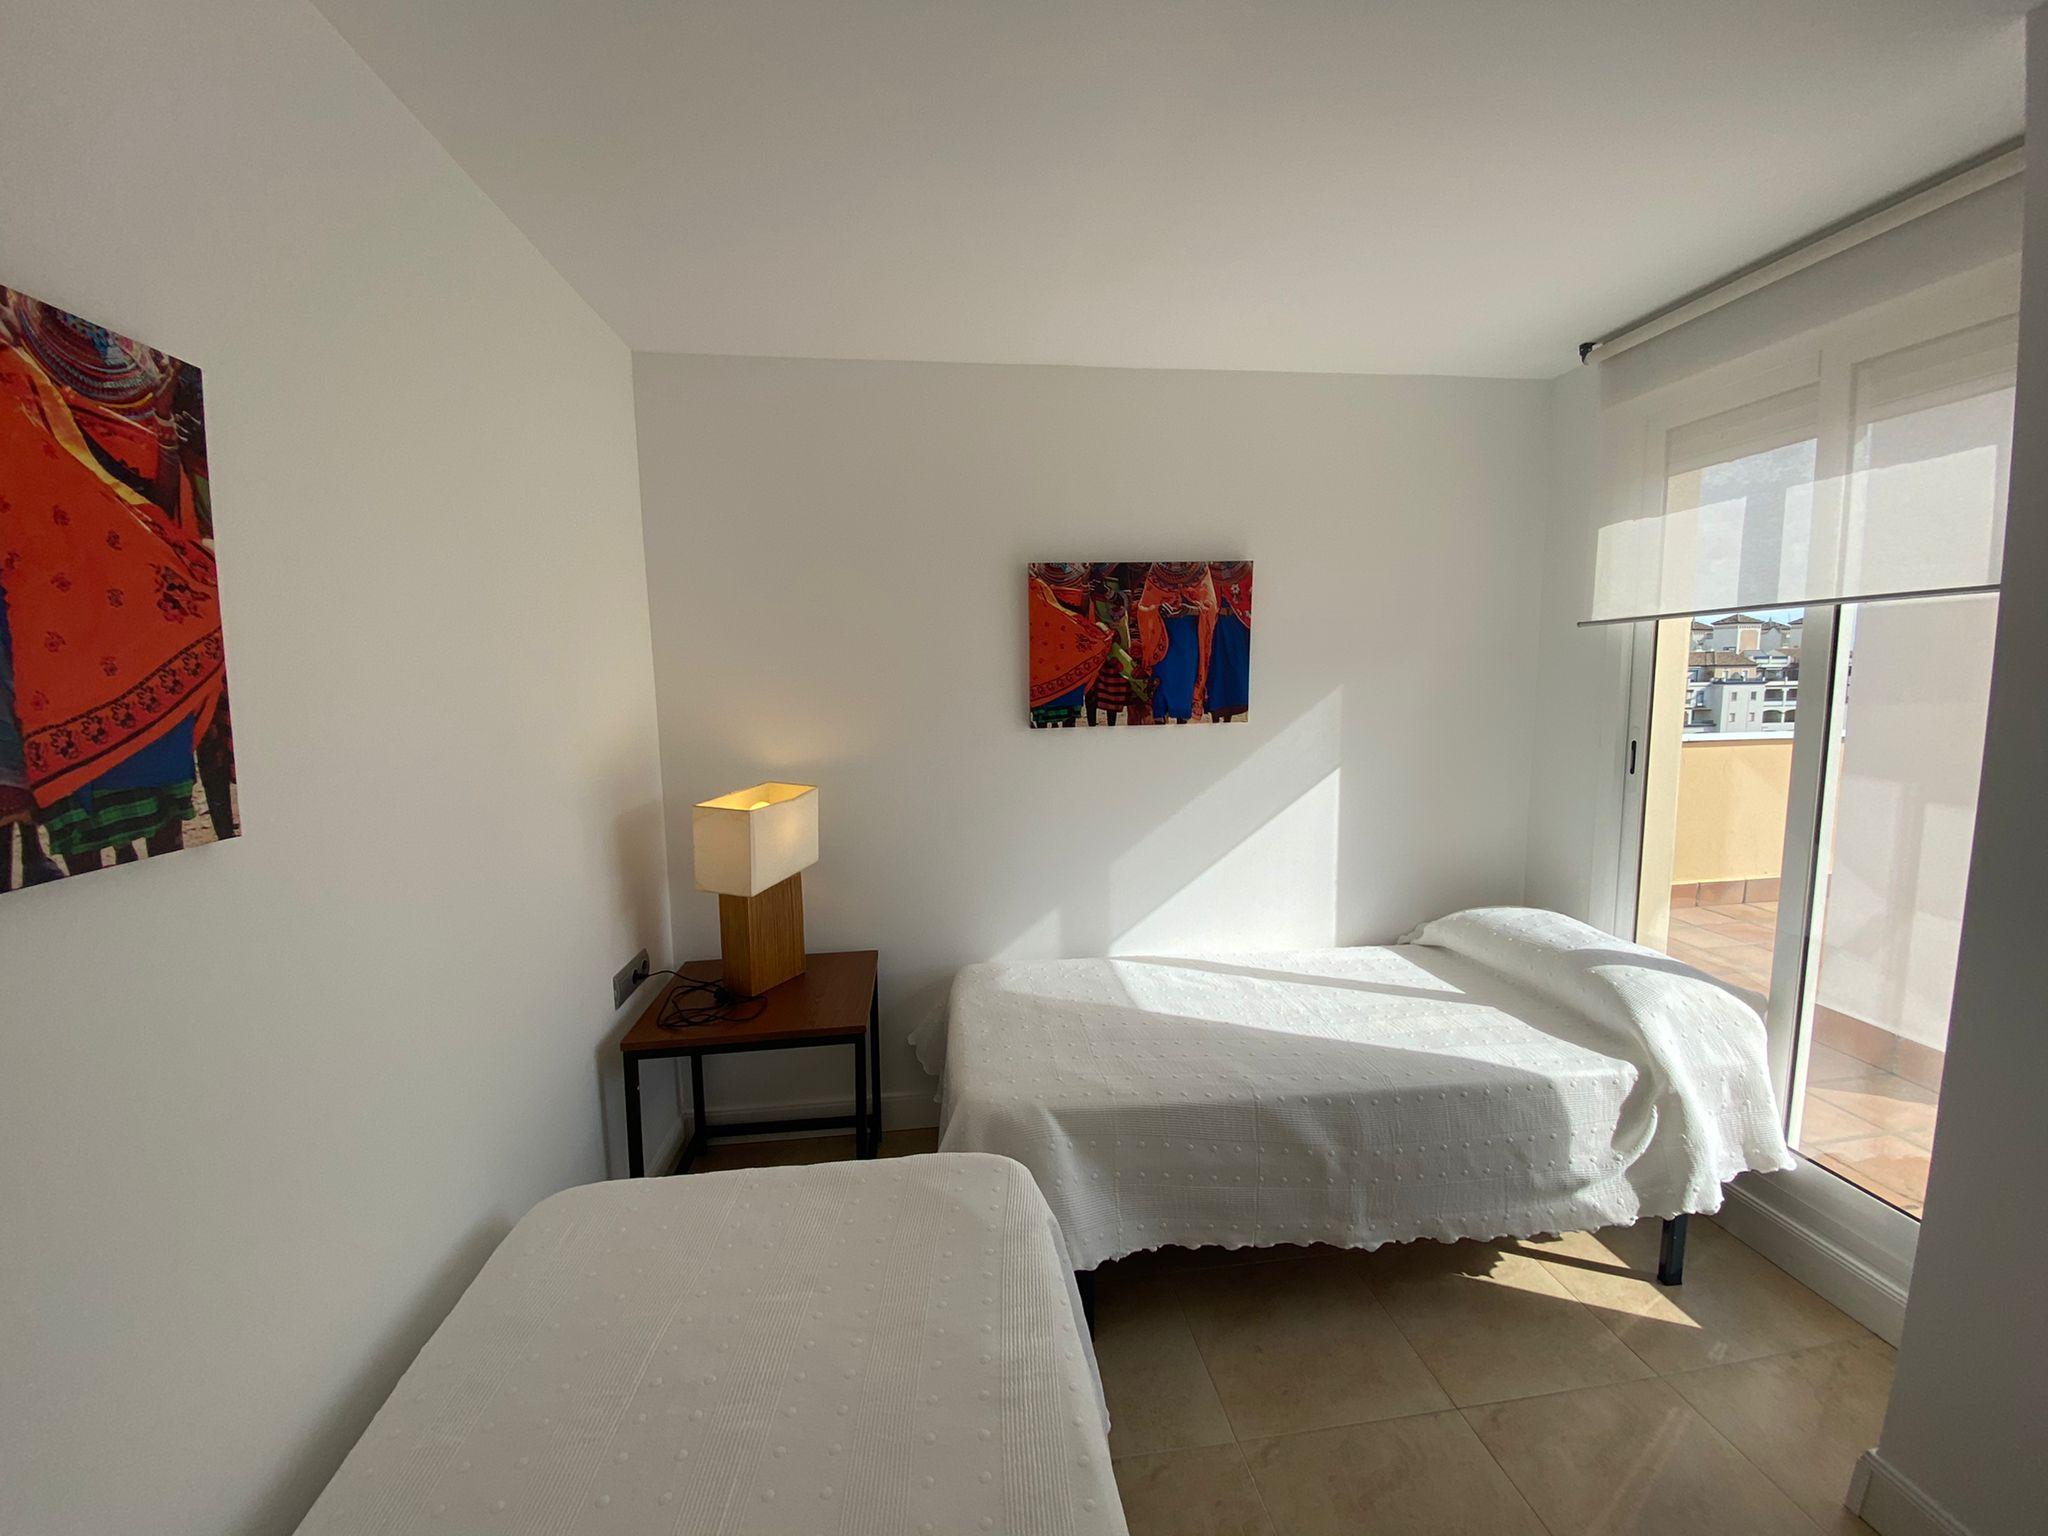 Imagen 32 del Apartamento Turístico, Ático 7 Central (3d+2b), Punta del Moral (HUELVA), Paseo de la Cruz nº22